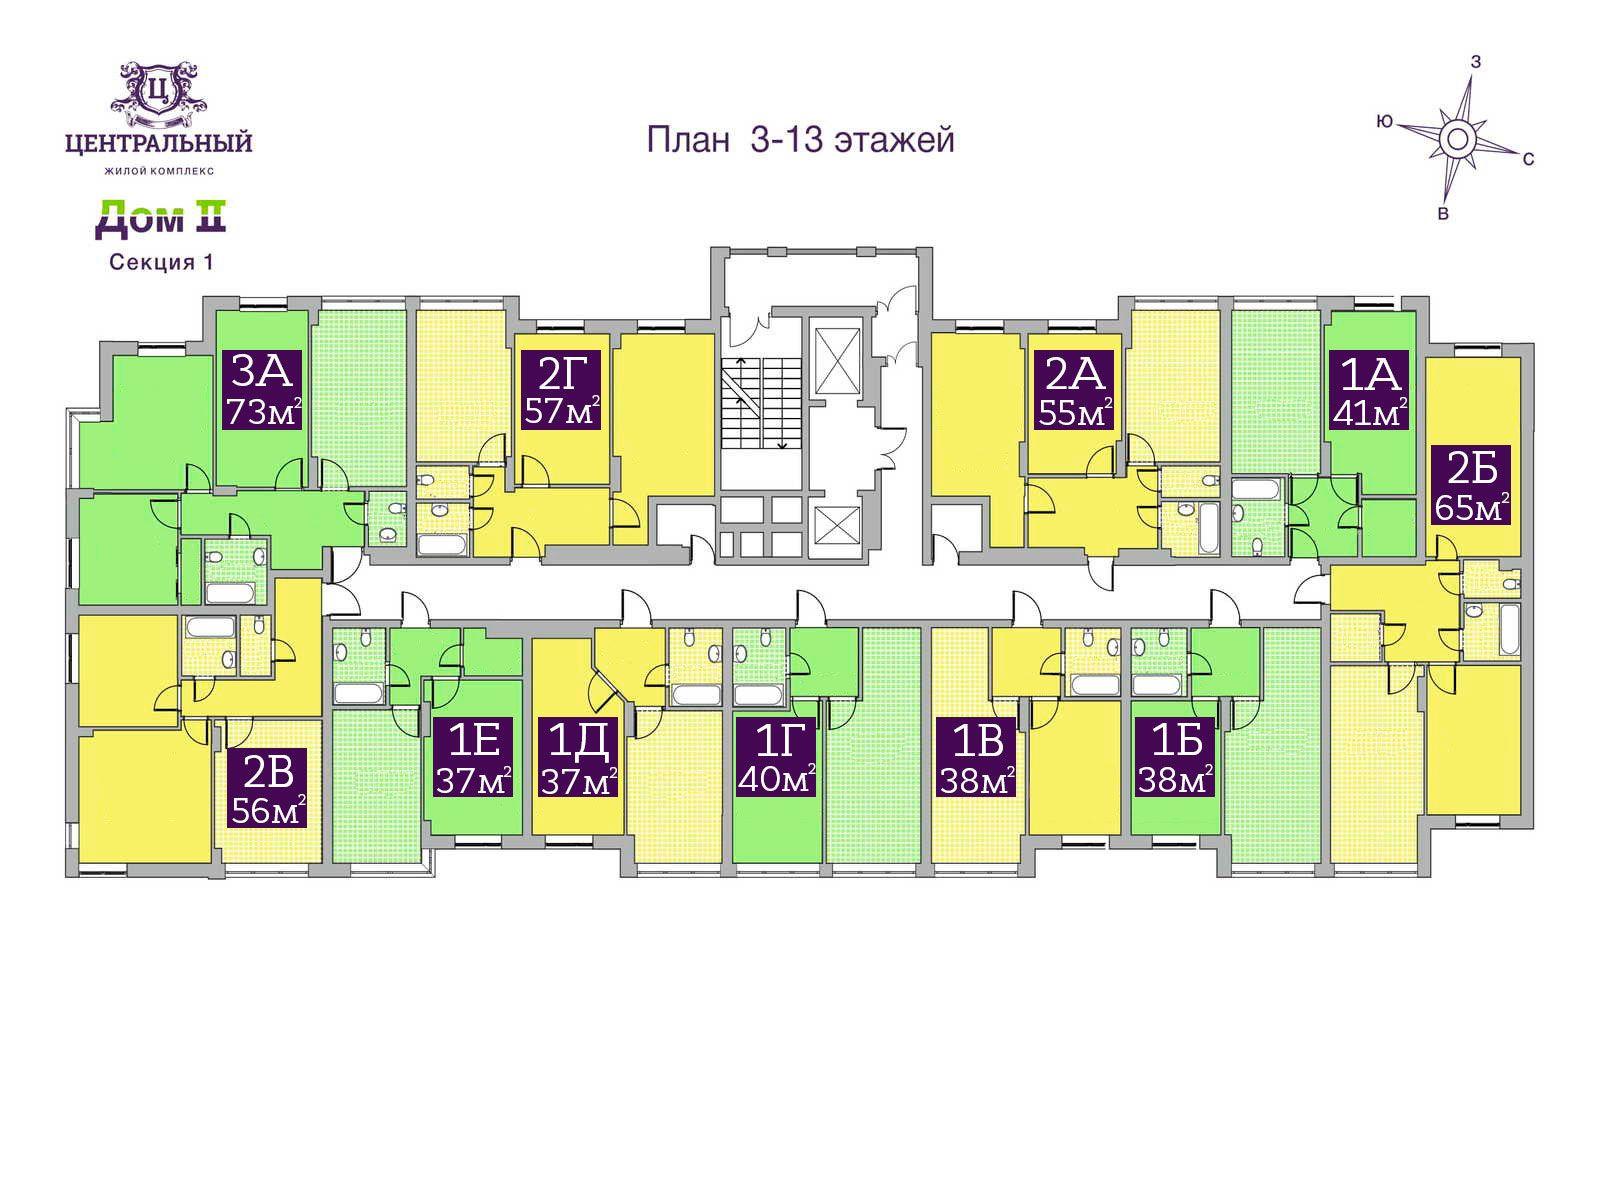 Дом 2. Секция 1. 3-13 этажи